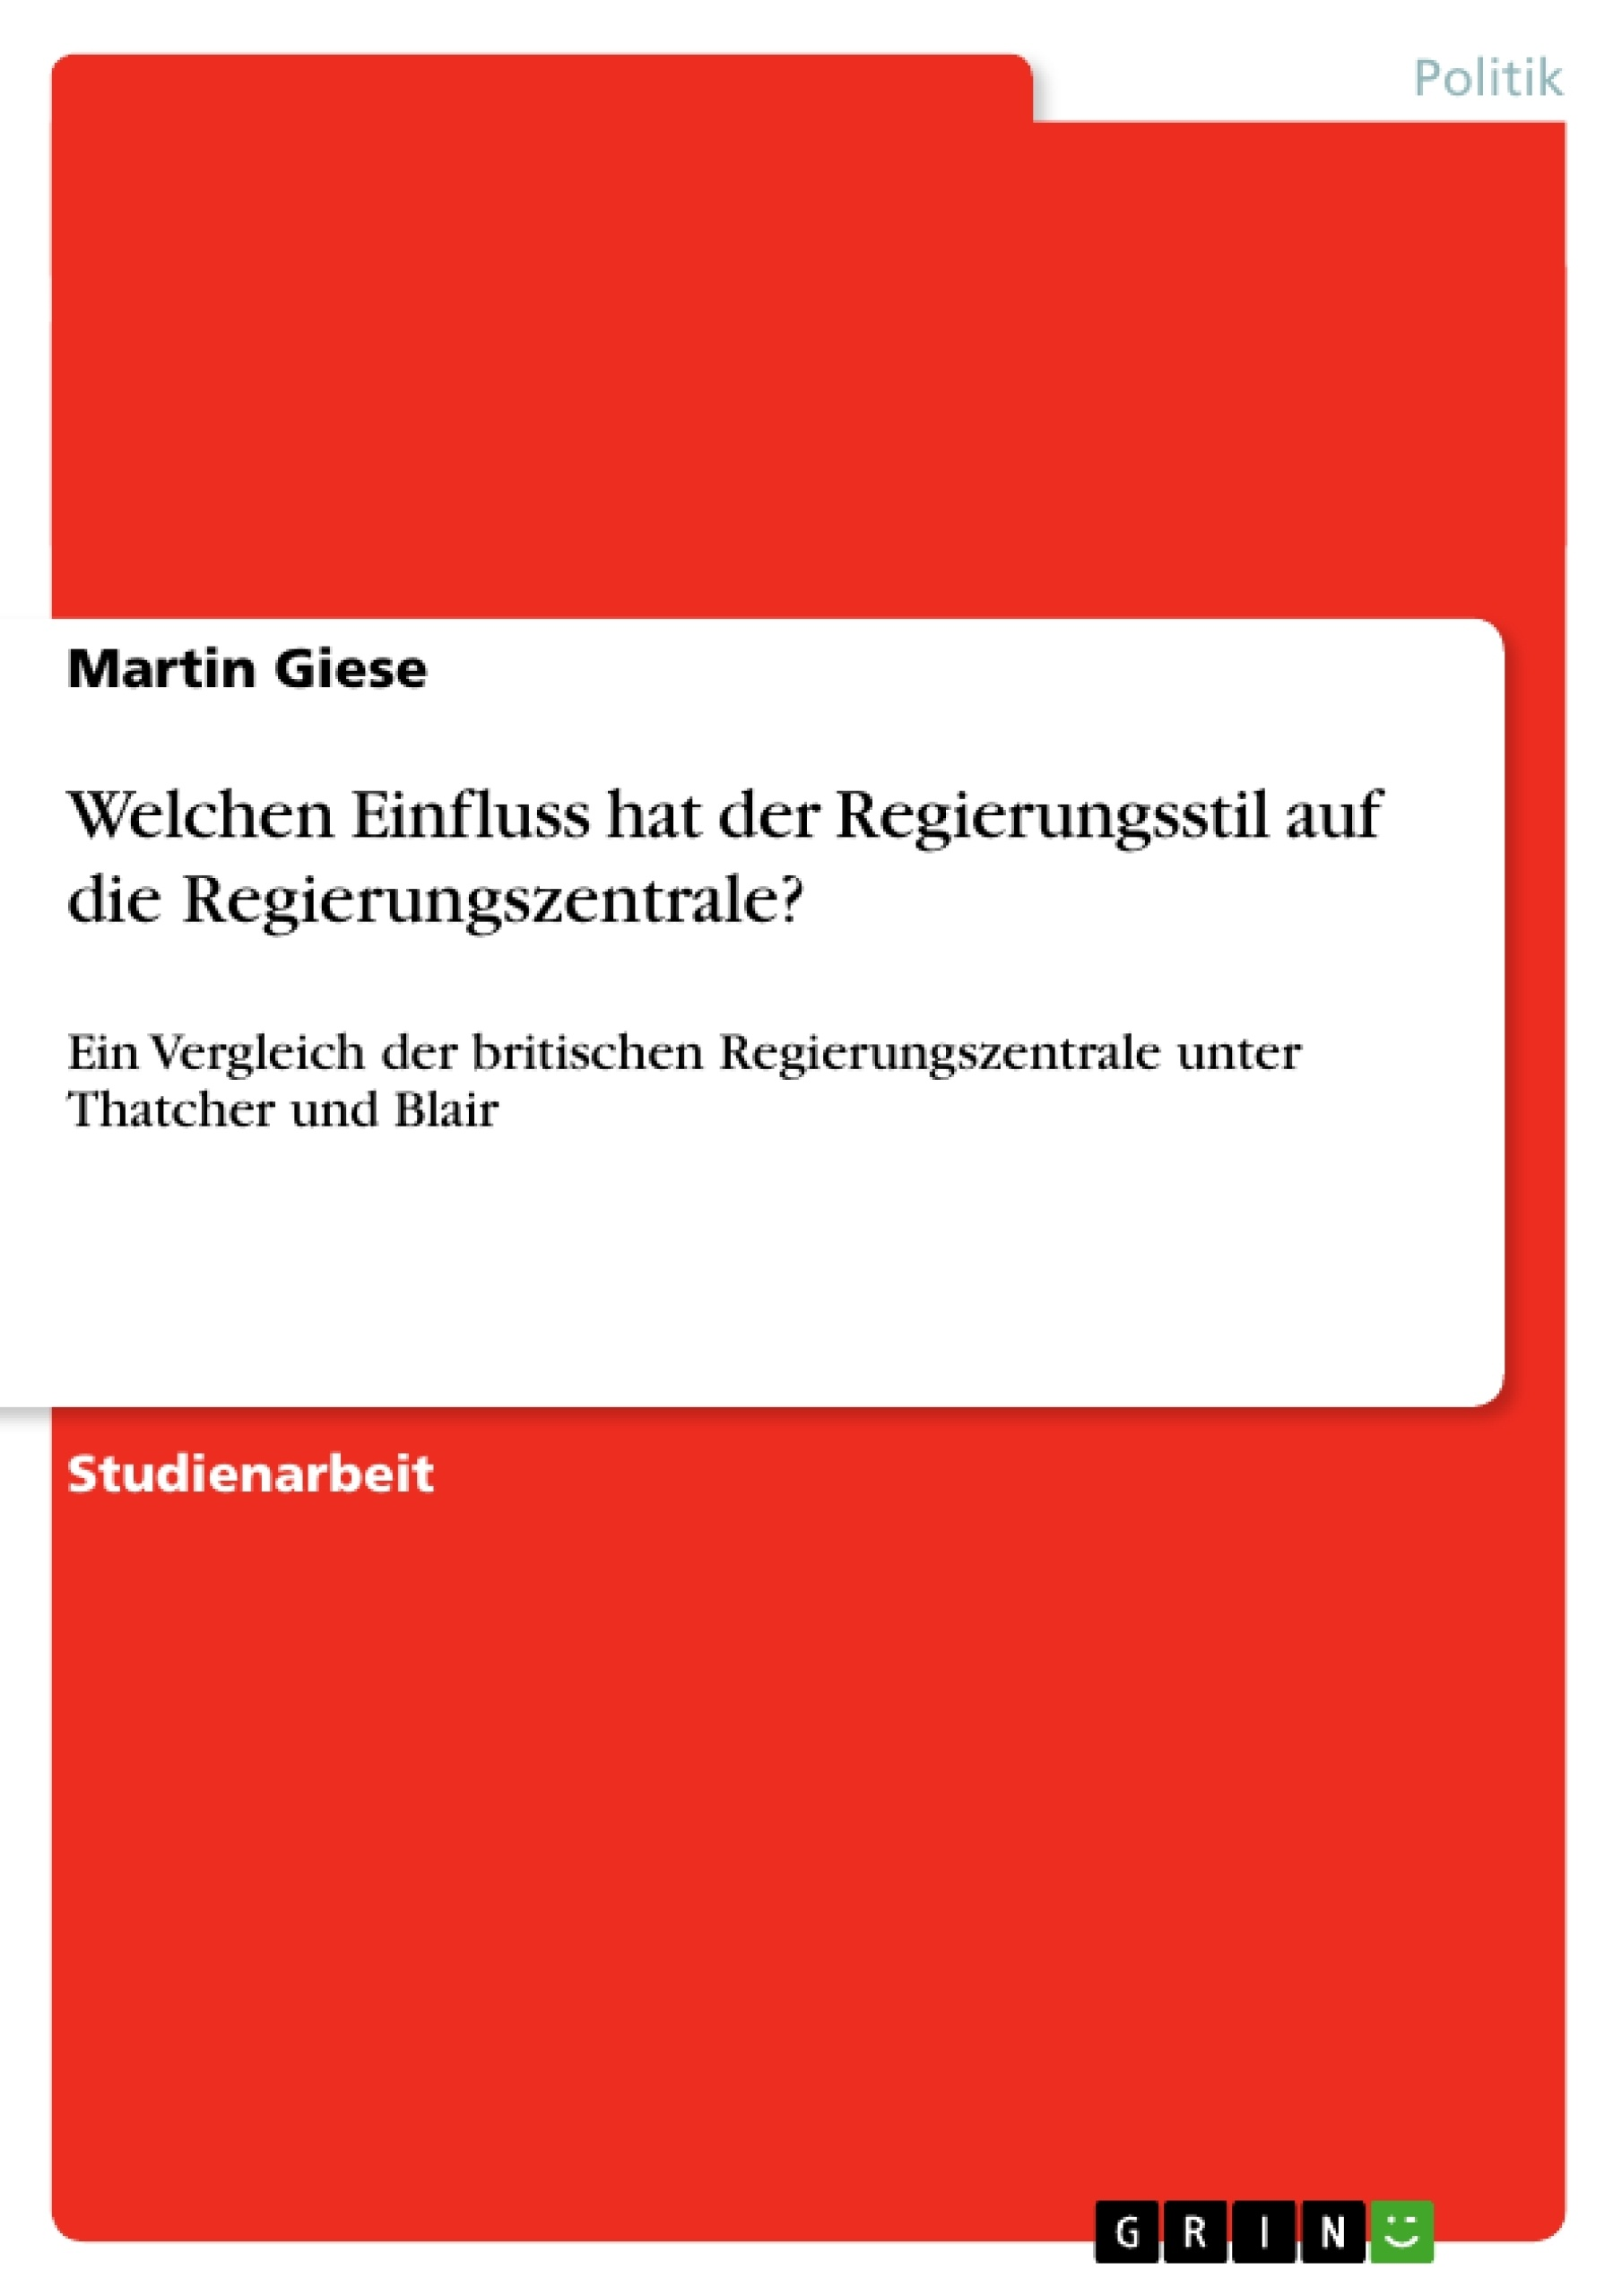 Titel: Welchen Einfluss hat der Regierungsstil auf die Regierungszentrale?